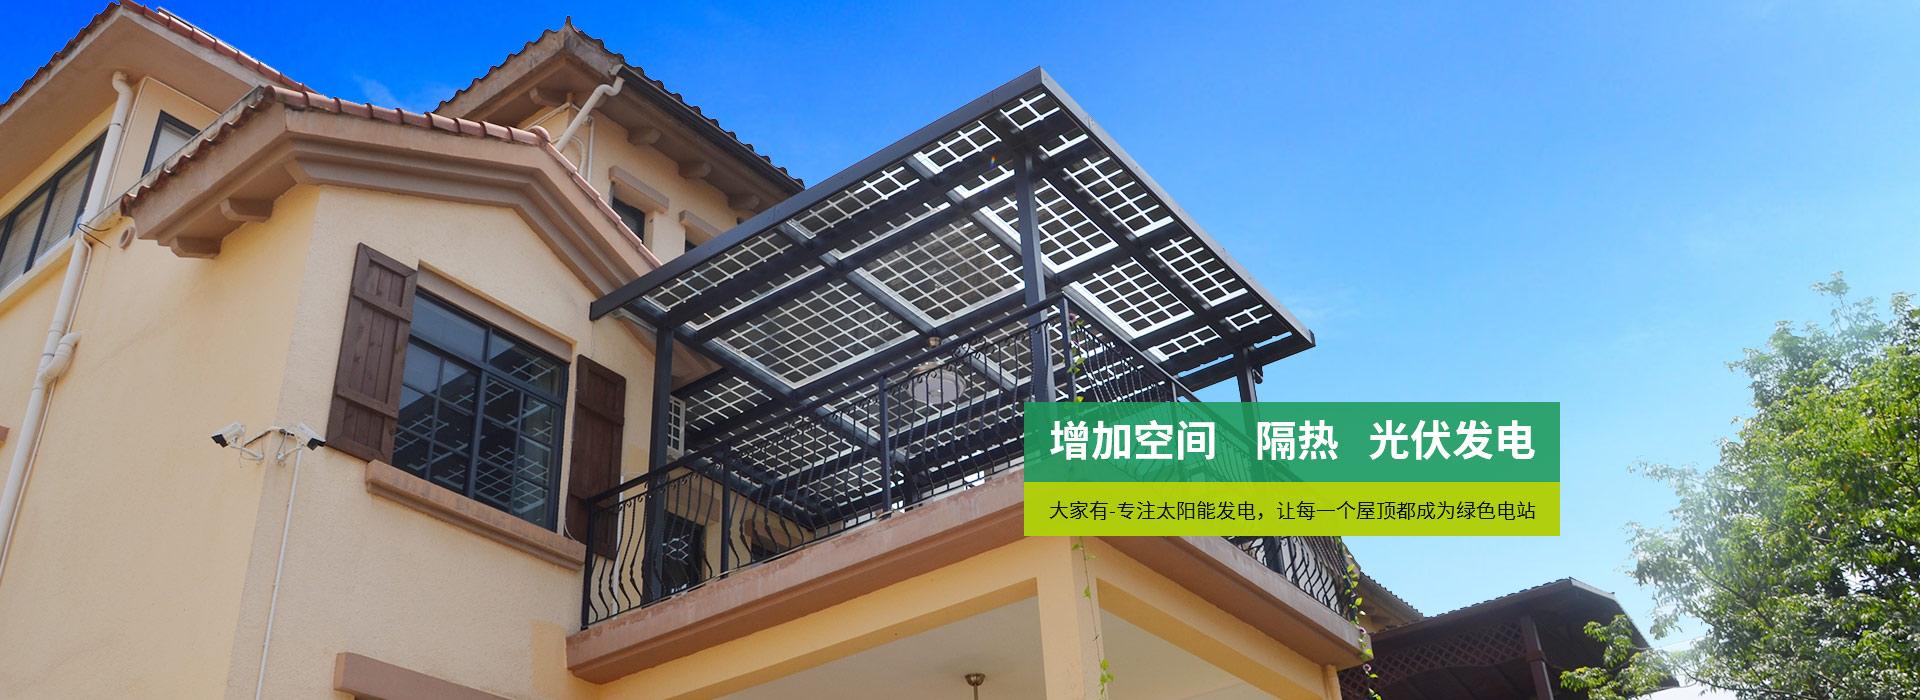 大家有-专注太阳能发电,让每一个屋顶都成为绿色电站